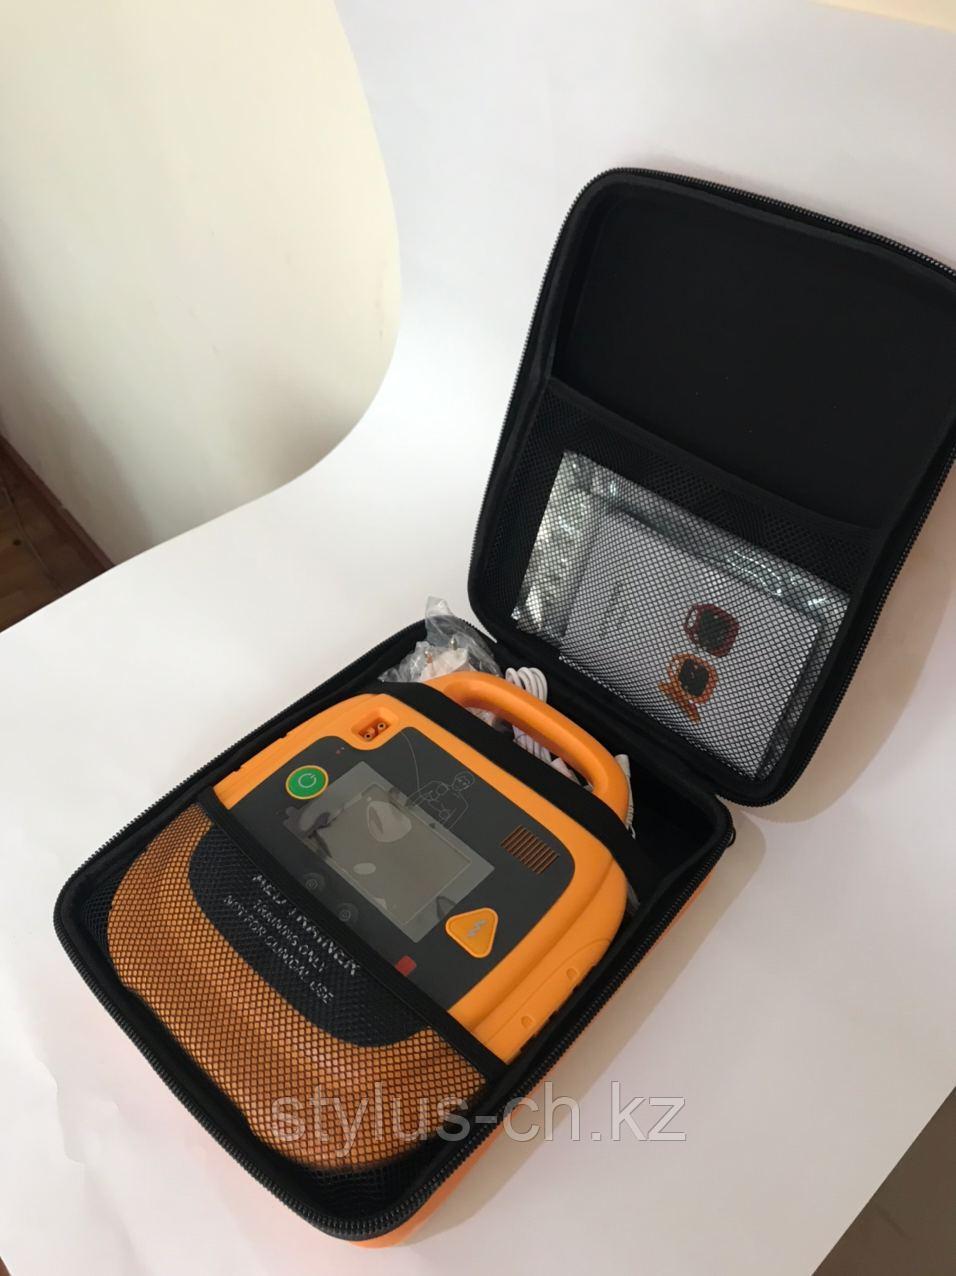 Дефибриллятор Учебный, AED, для обучения и тренировок с электродами, со сценариями